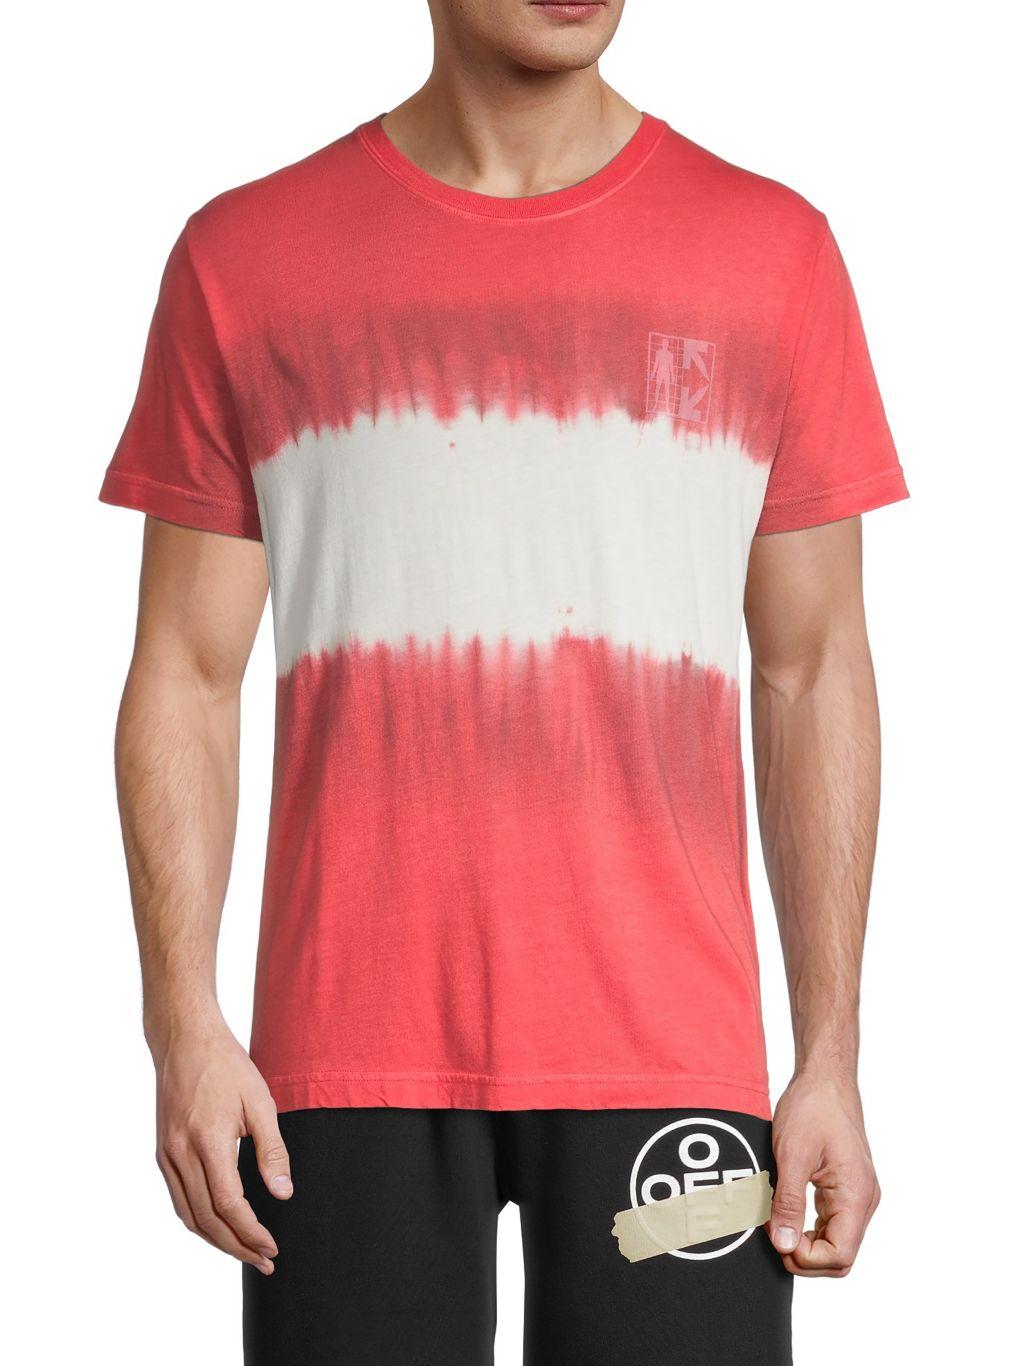 Off-White Dip Dye T-Shirt